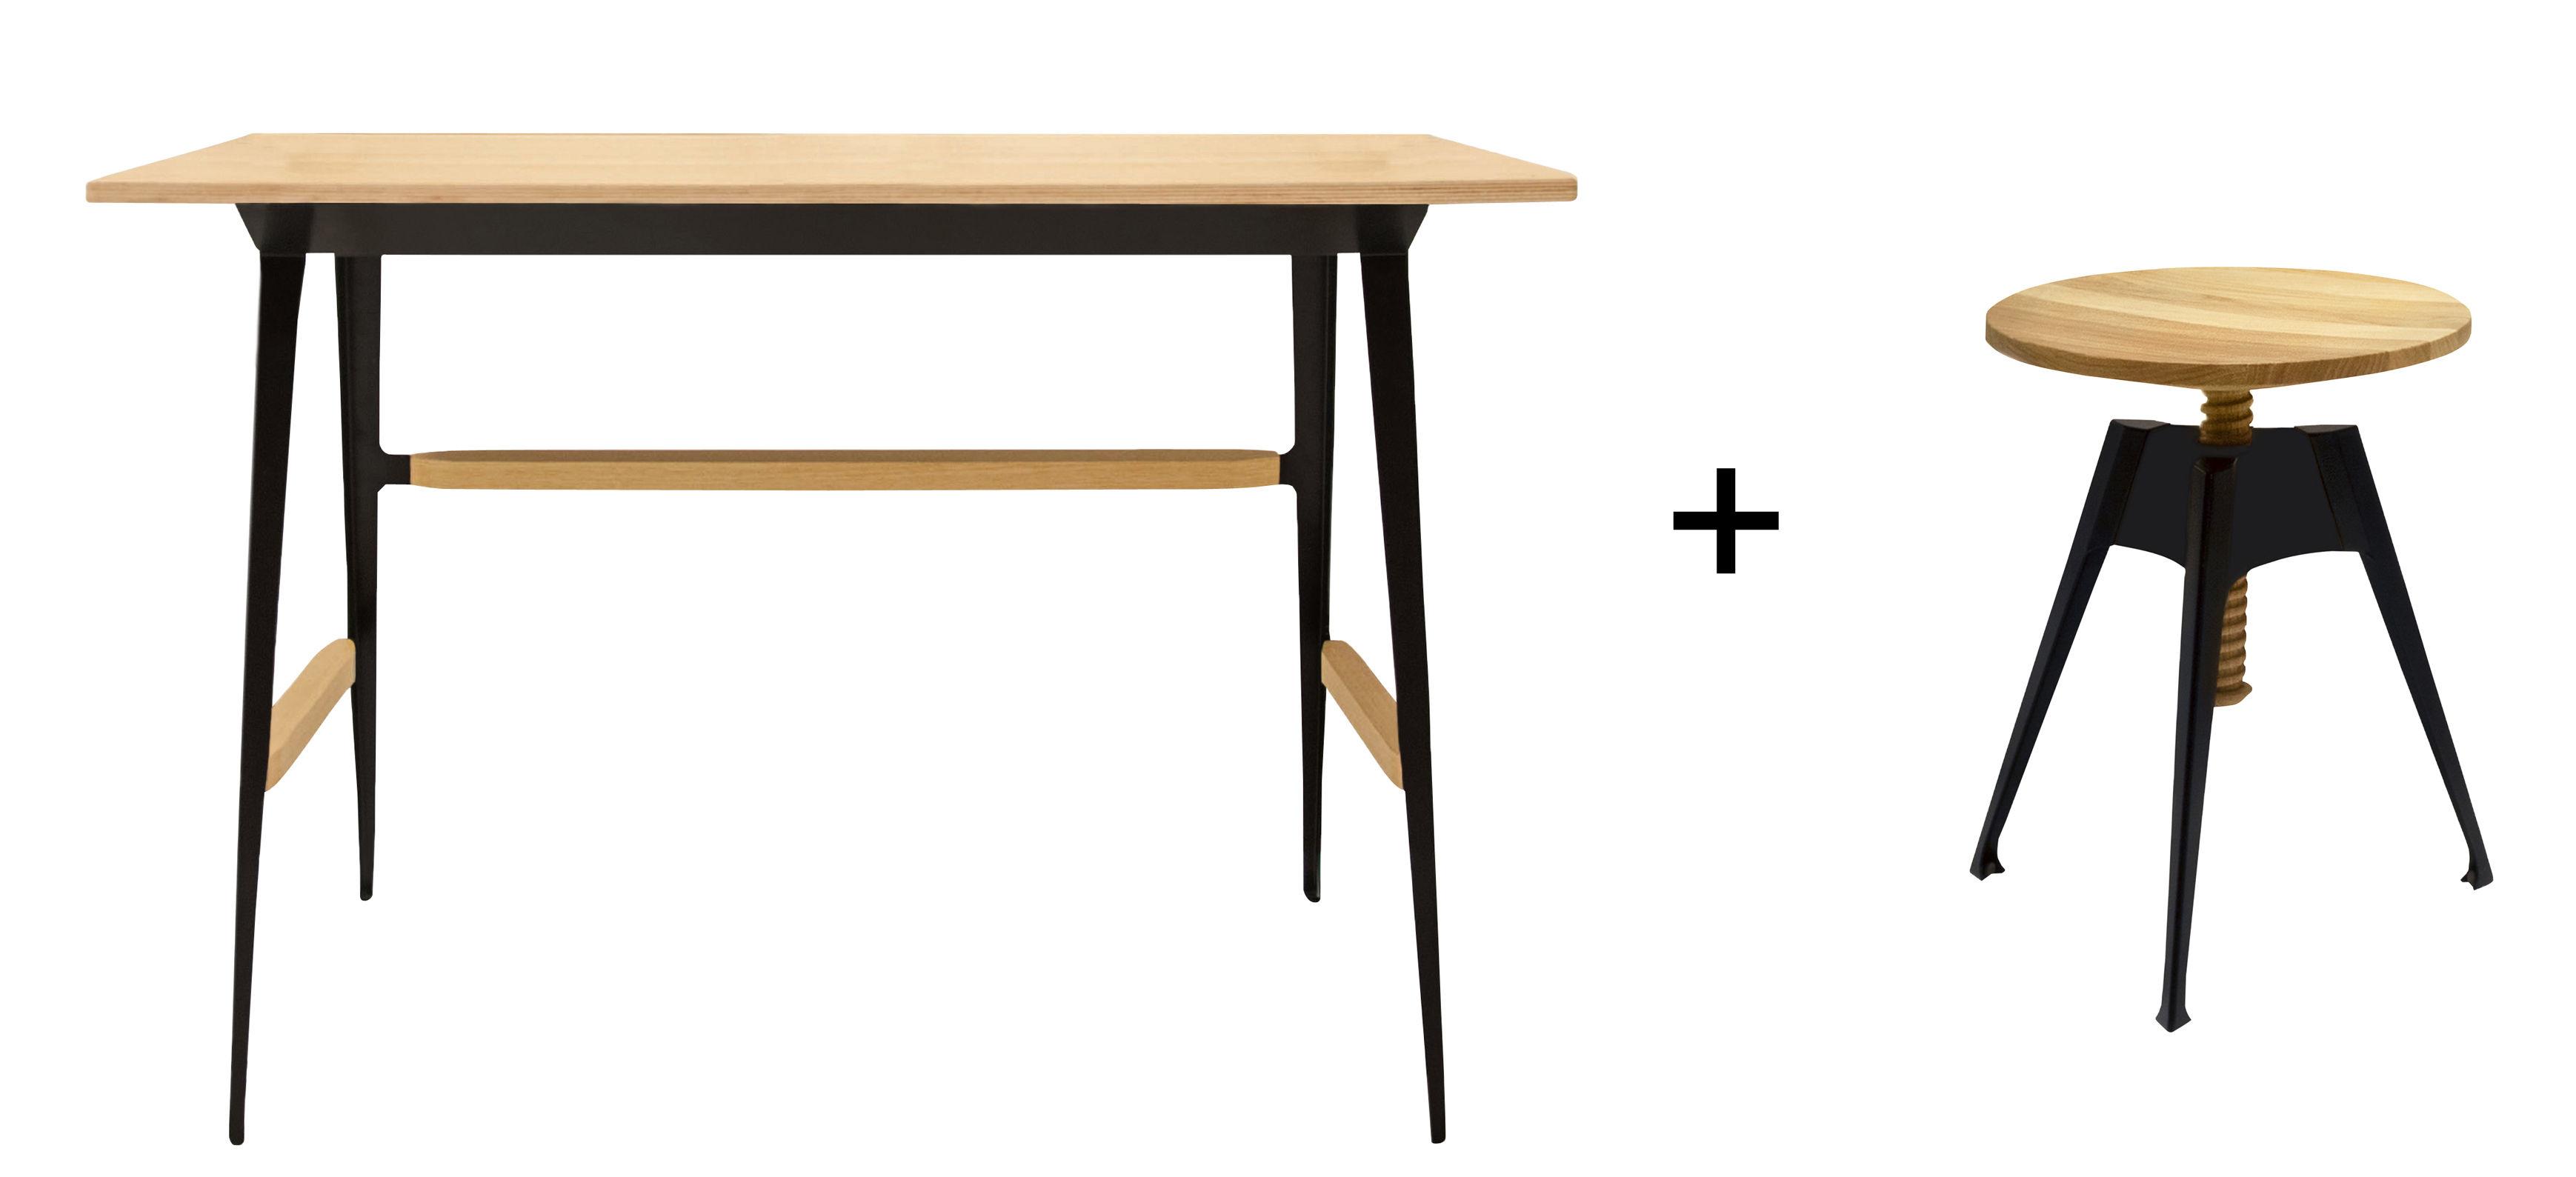 Arredamento - Mobili da ufficio - Scrivania Portable Atelier / Moleskine +  Sgabello - Driade - Legno & nero - Acciaio laccato, Compensato di betulla, Compensato di rovere